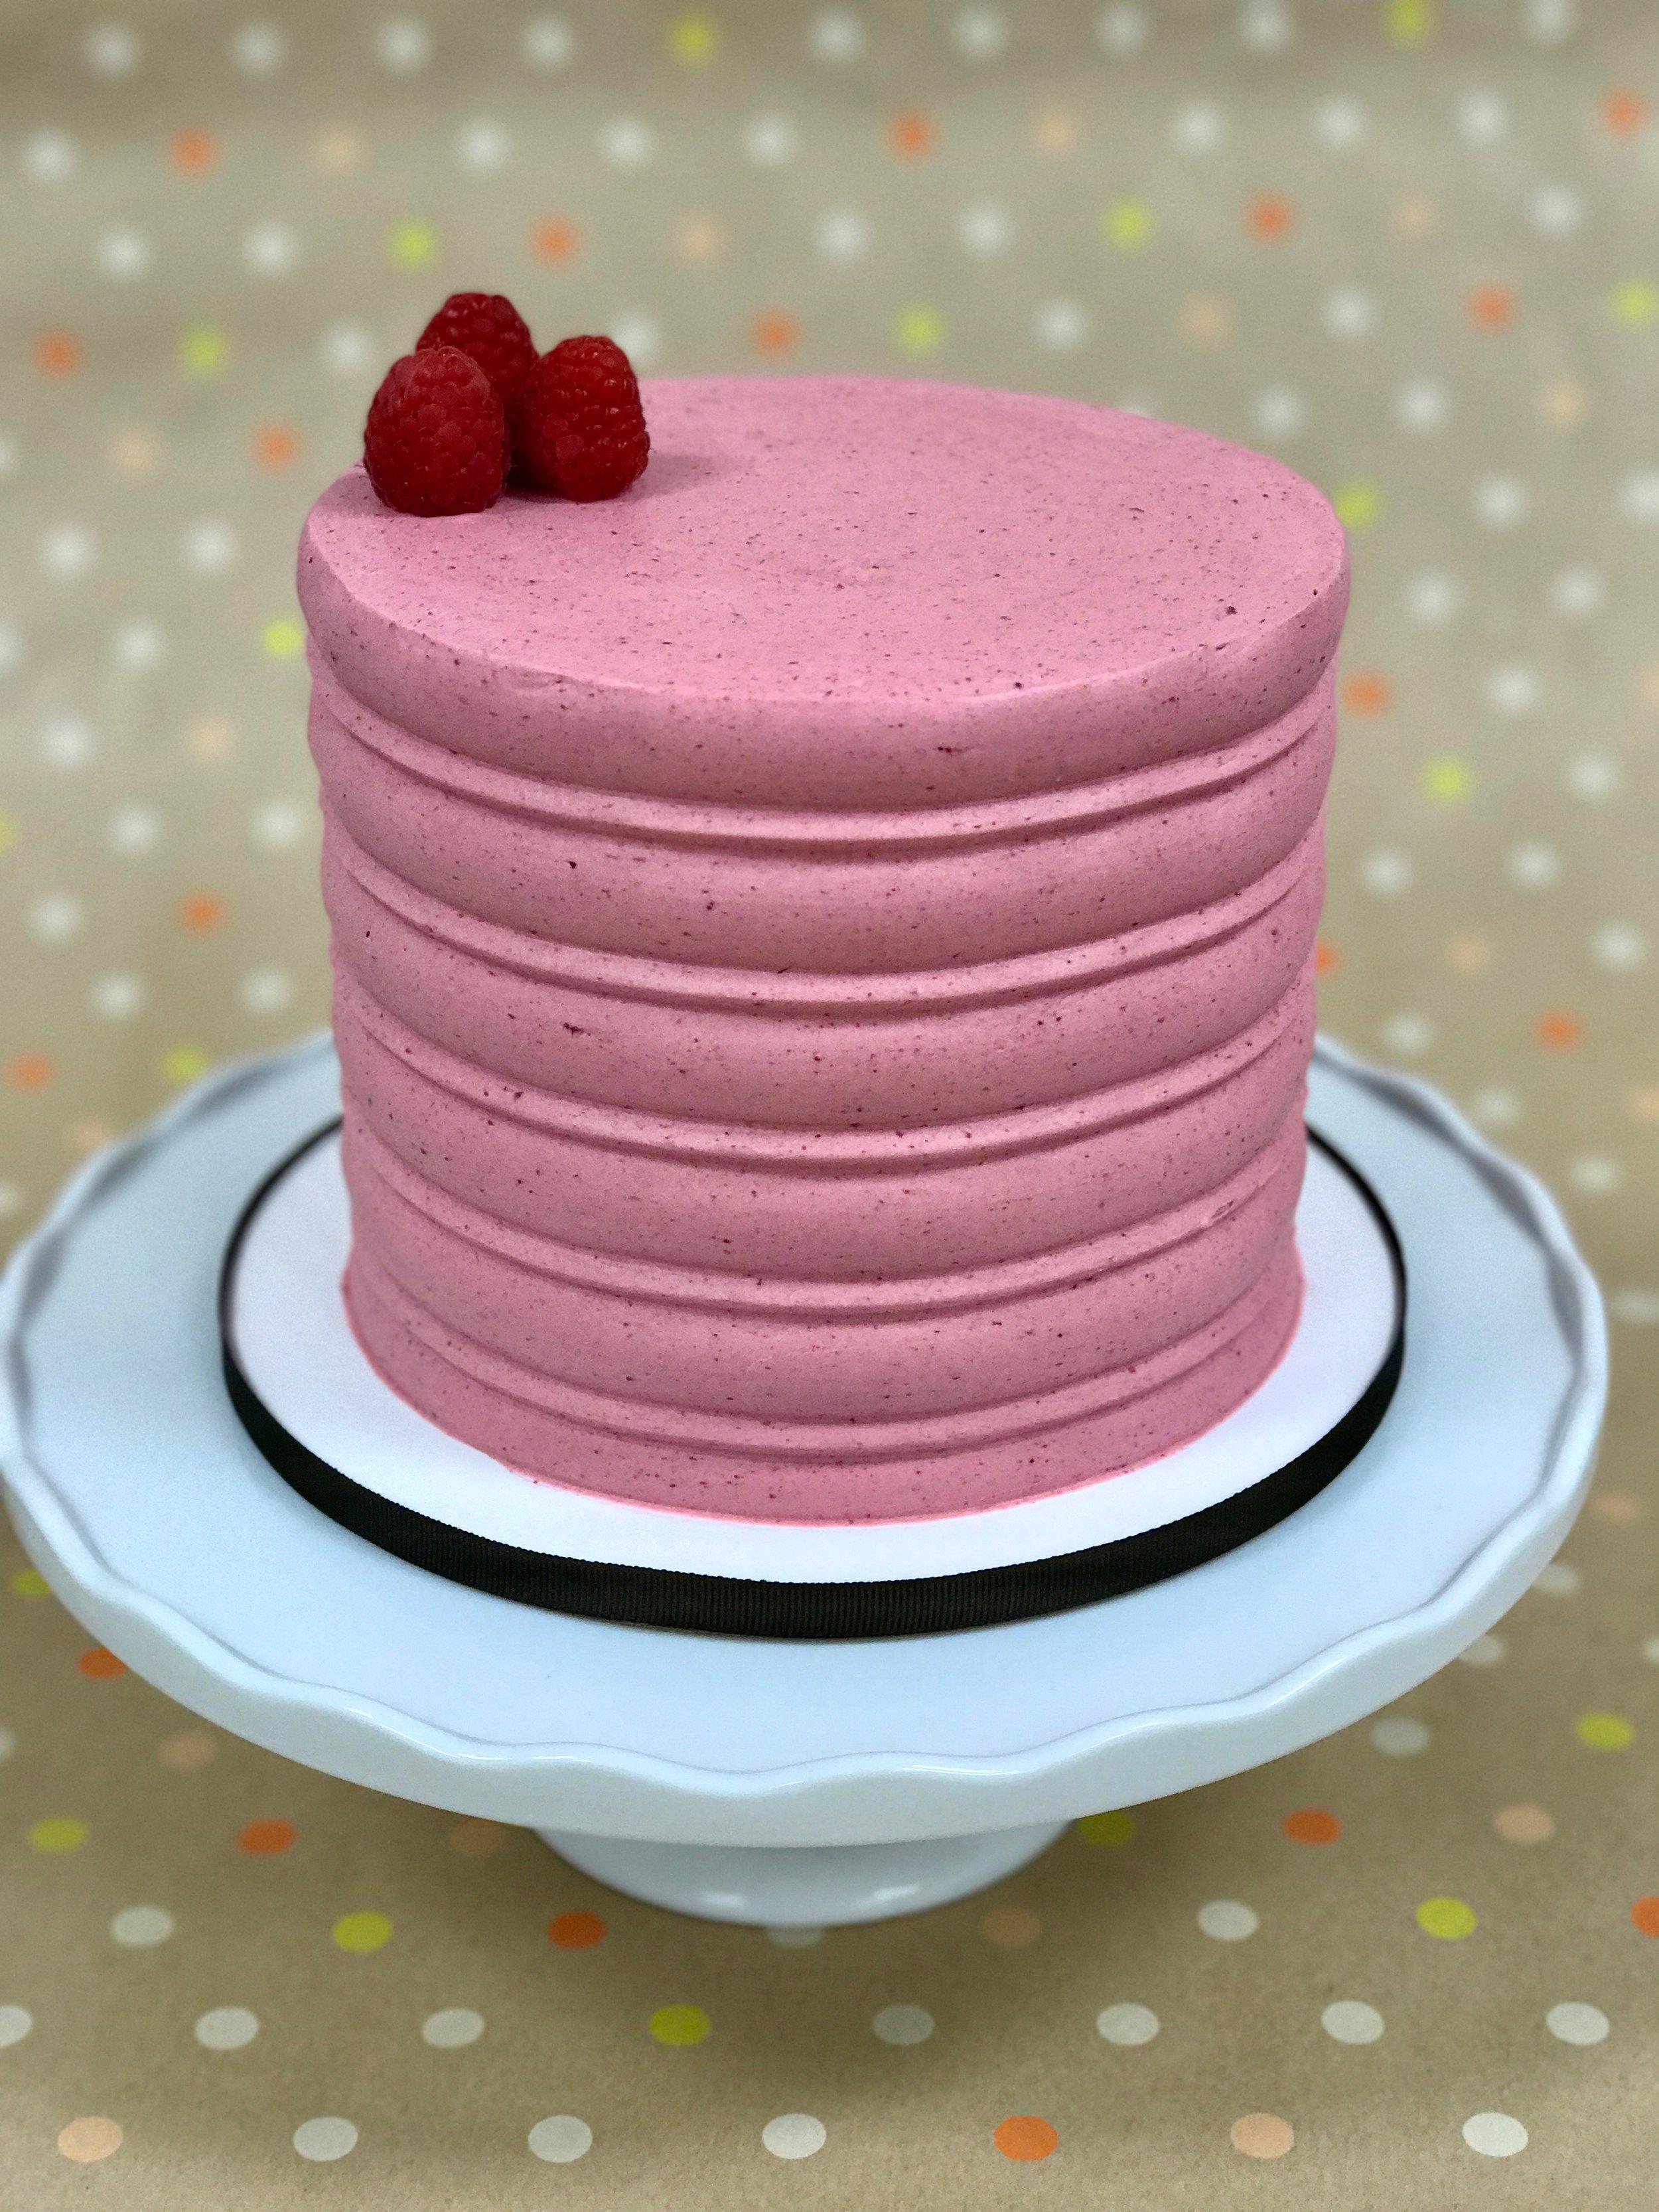 Lemon Raspberry - Cake: Lemon ButtercreamFilling: Raspberry Swiss Meringue ButtercreamFrosting: Raspberry Swiss Meringue Buttercream and Fresh Raspberries